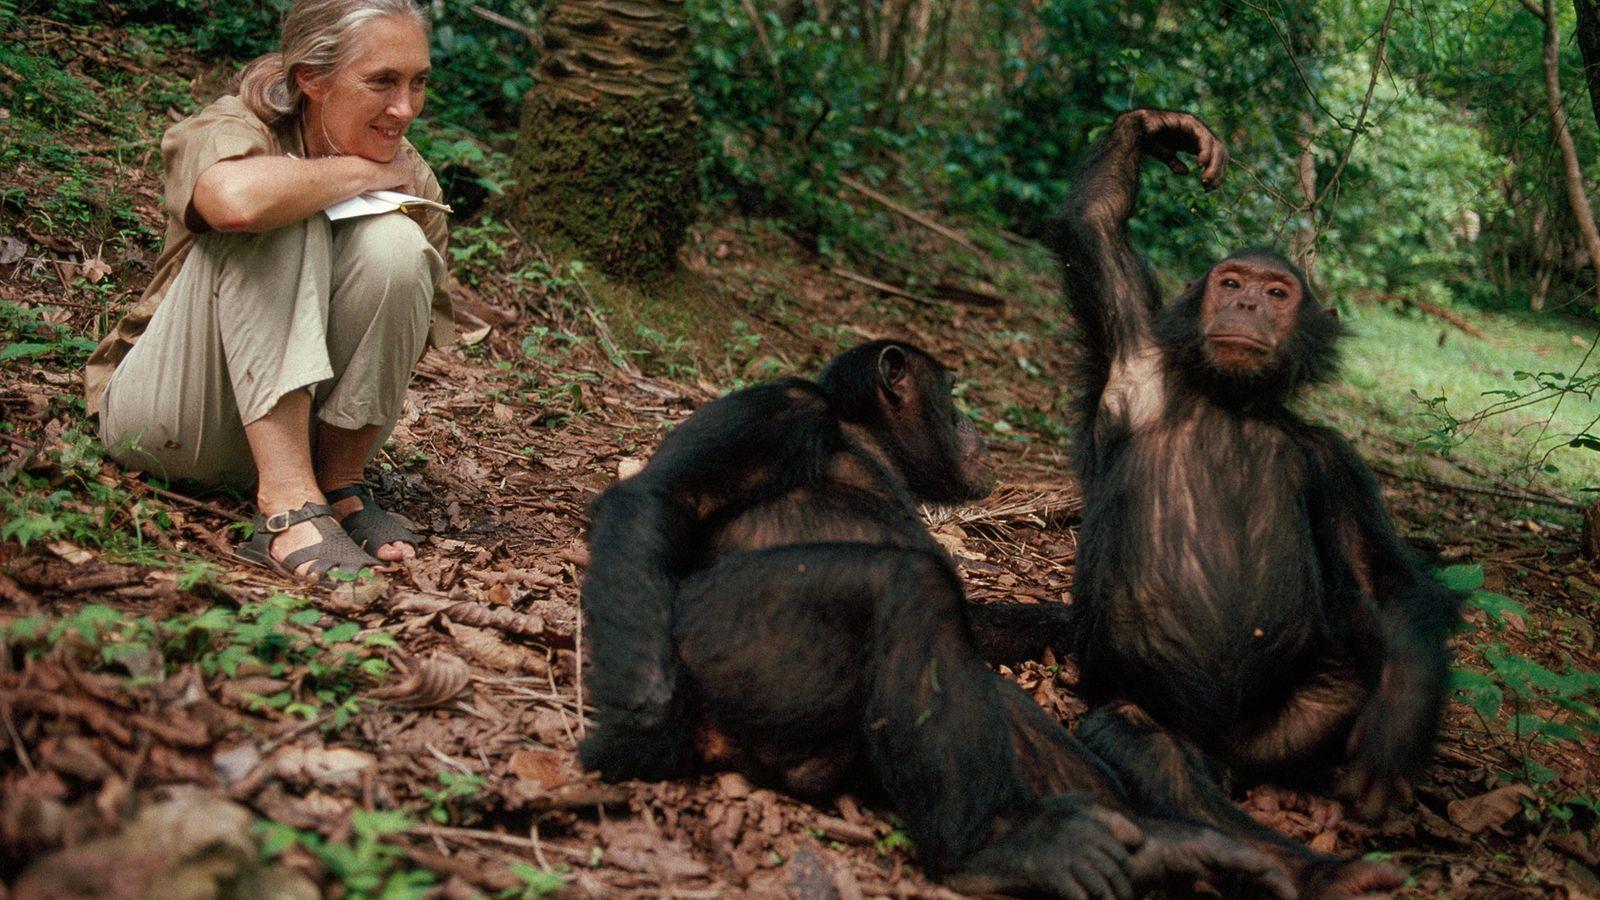 Récoltant les fruits d'années de dévouement, Jane Goodall sourit de toutes ses dents face aux chimpanzés ...